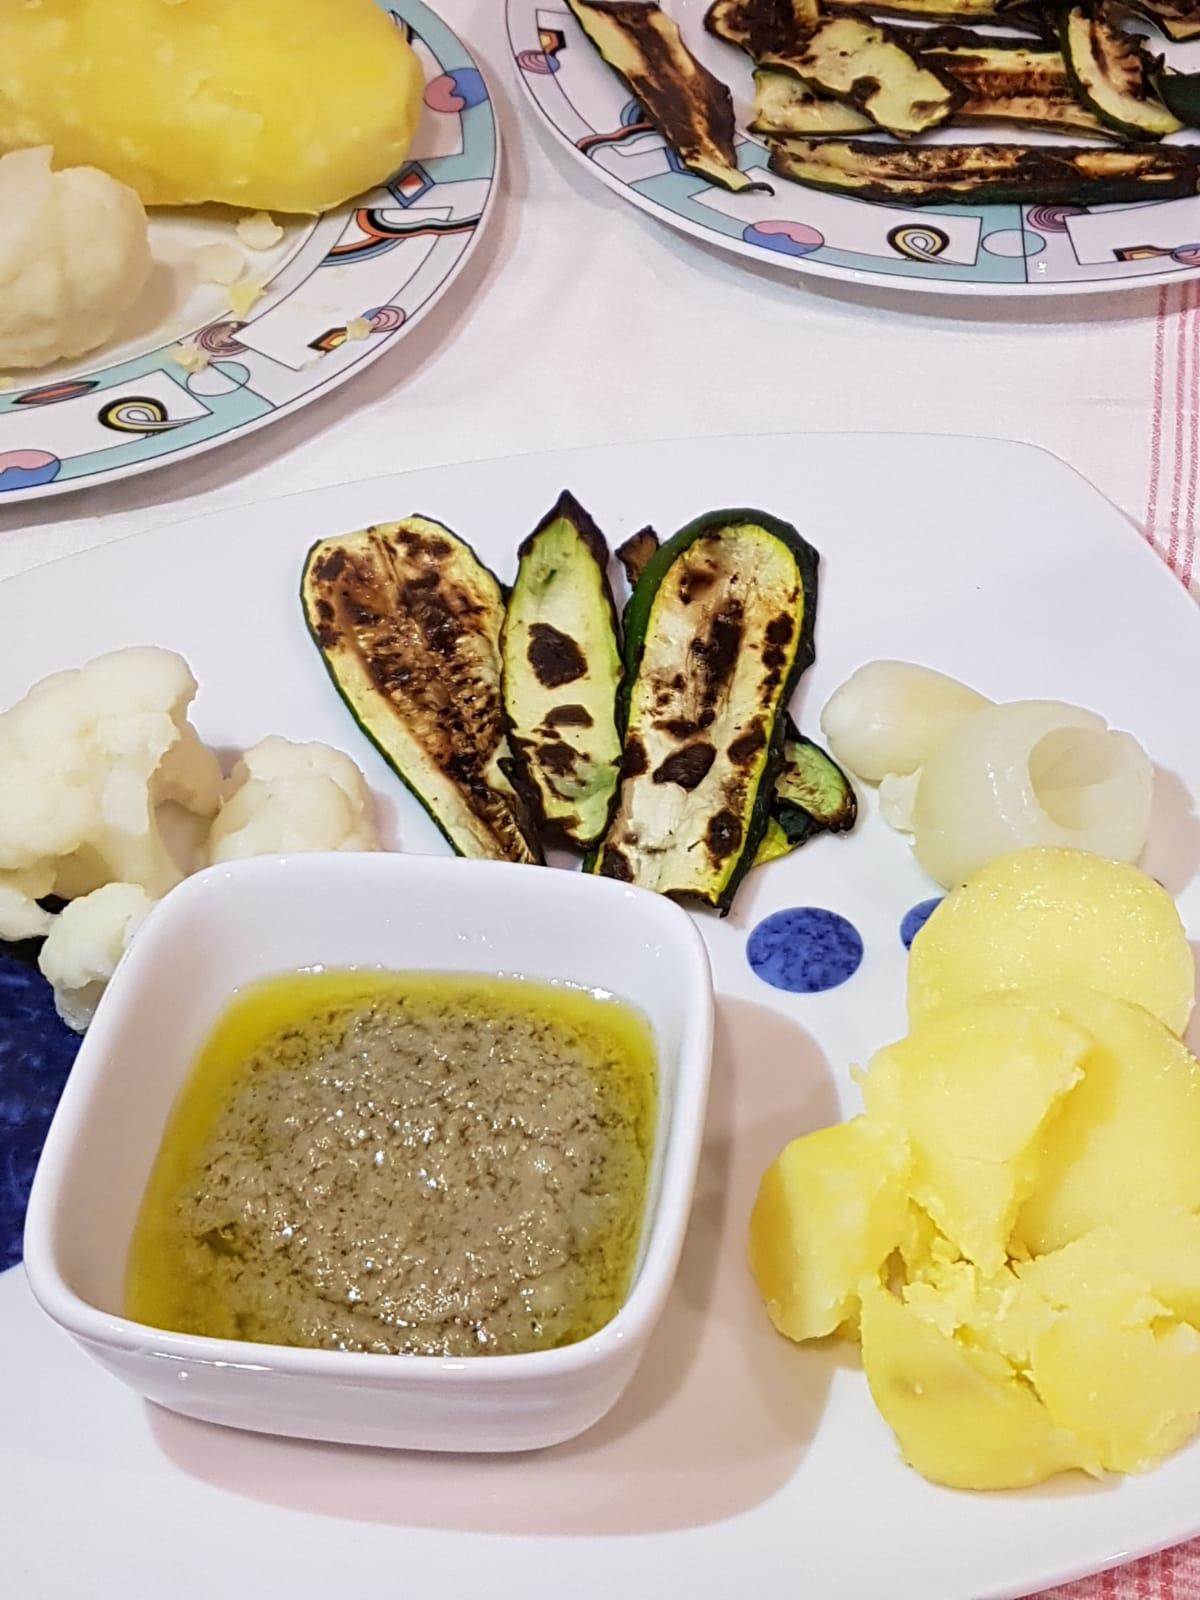 Bagna cauda senza aglio leggera senza panna la ricetta di marco - Bagna cauda vegana ...